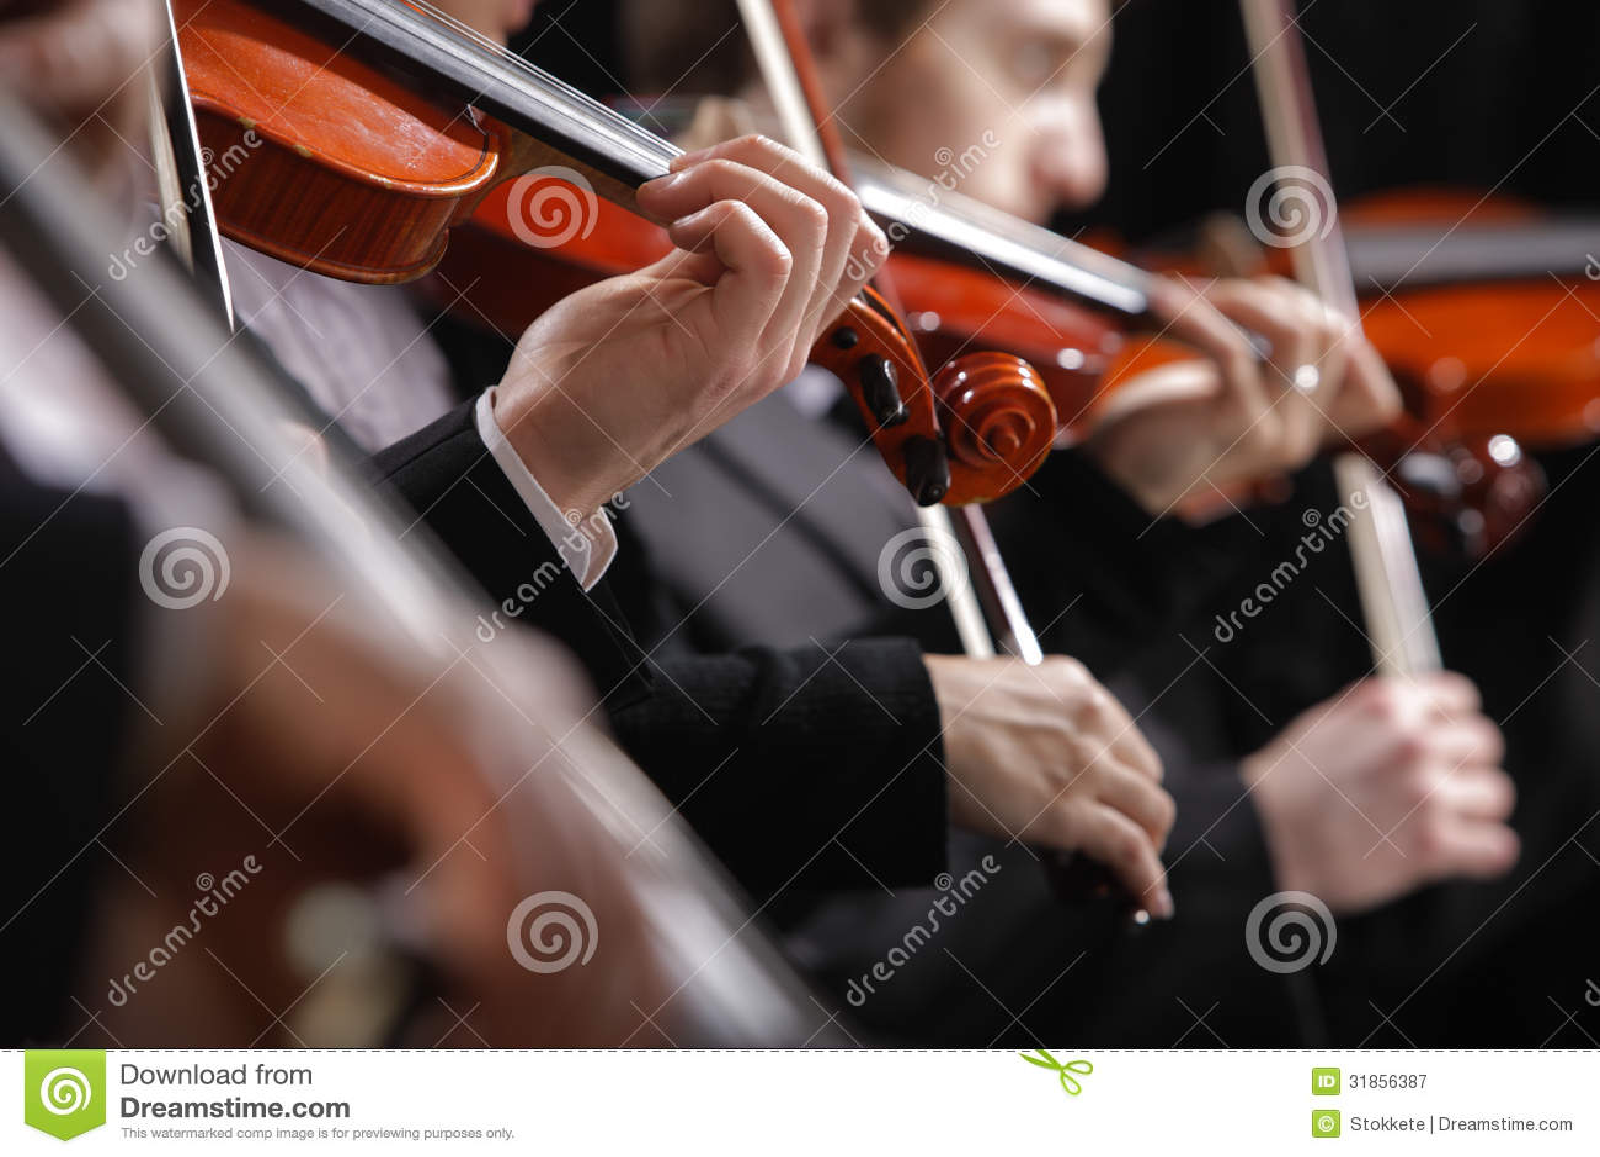 Música clásica. Violinistas en concierto